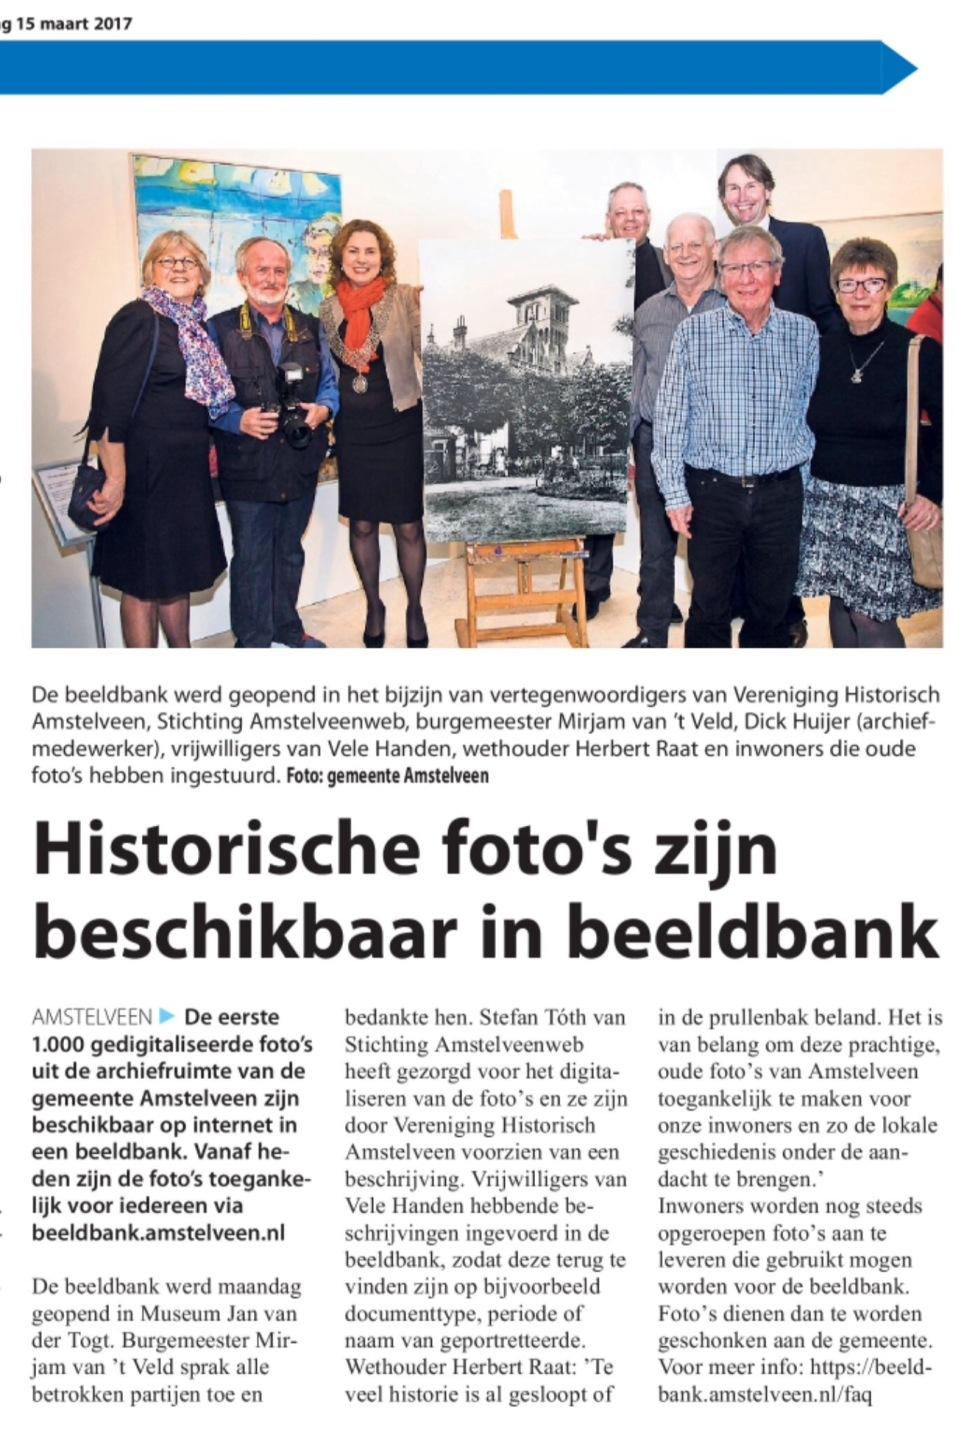 2017-15-3 Amstelveens Nieuwsblad over beeldbank Mirjam van 't Veld, Herbert Raat, Stefan Toth, Dick Huijer Vele Handen